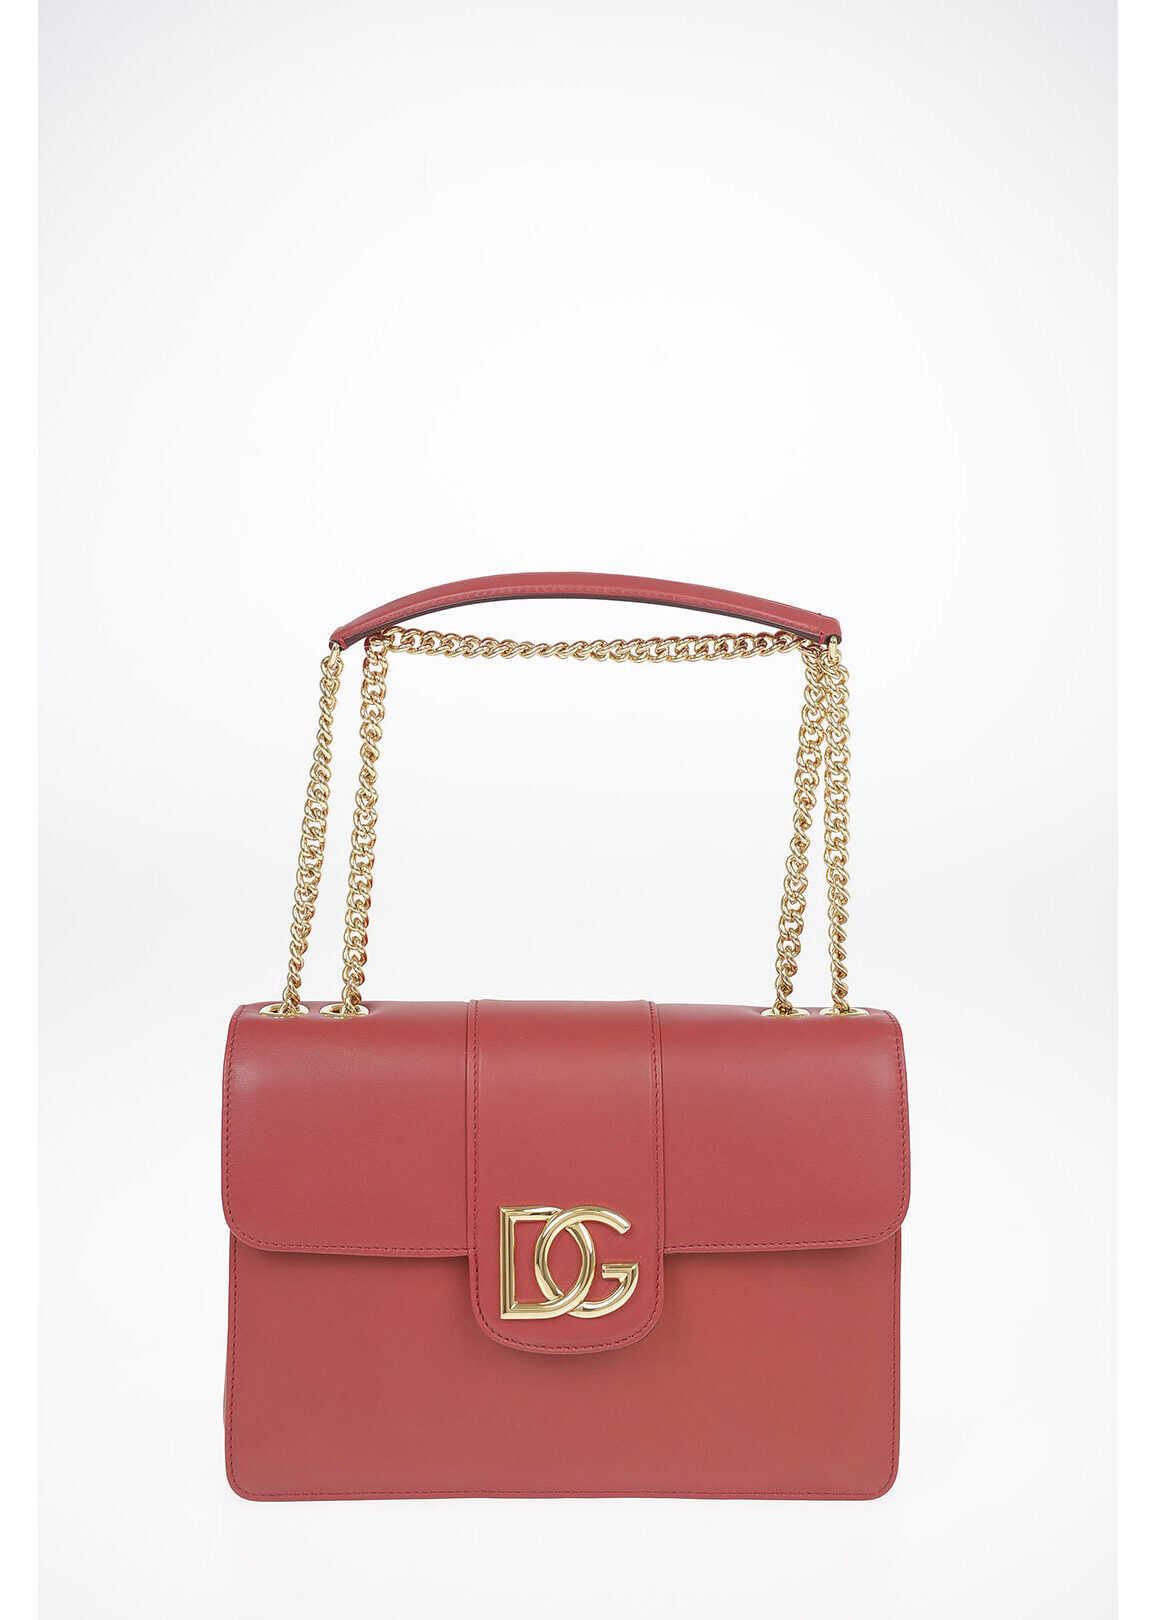 Dolce & Gabbana Leather DG MILLENIALS Shoulder Bag with Adjustable Shoulder BURGUNDY imagine b-mall.ro